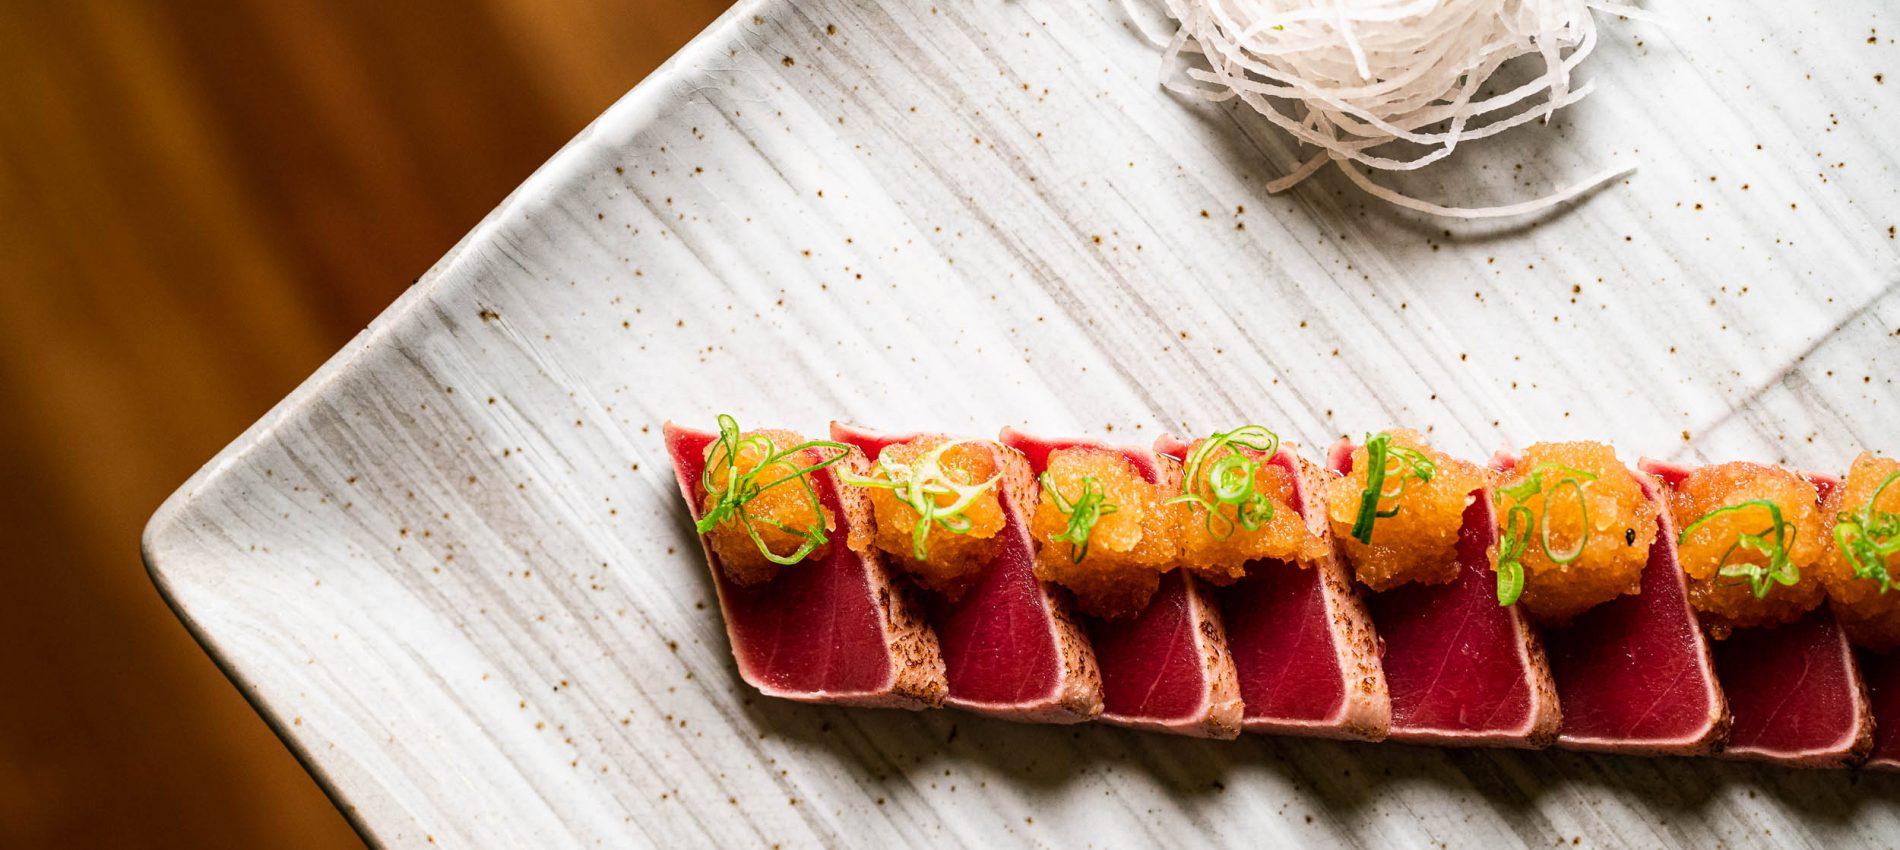 Tataki de atun con sesamo y chishimi 17,60 eur